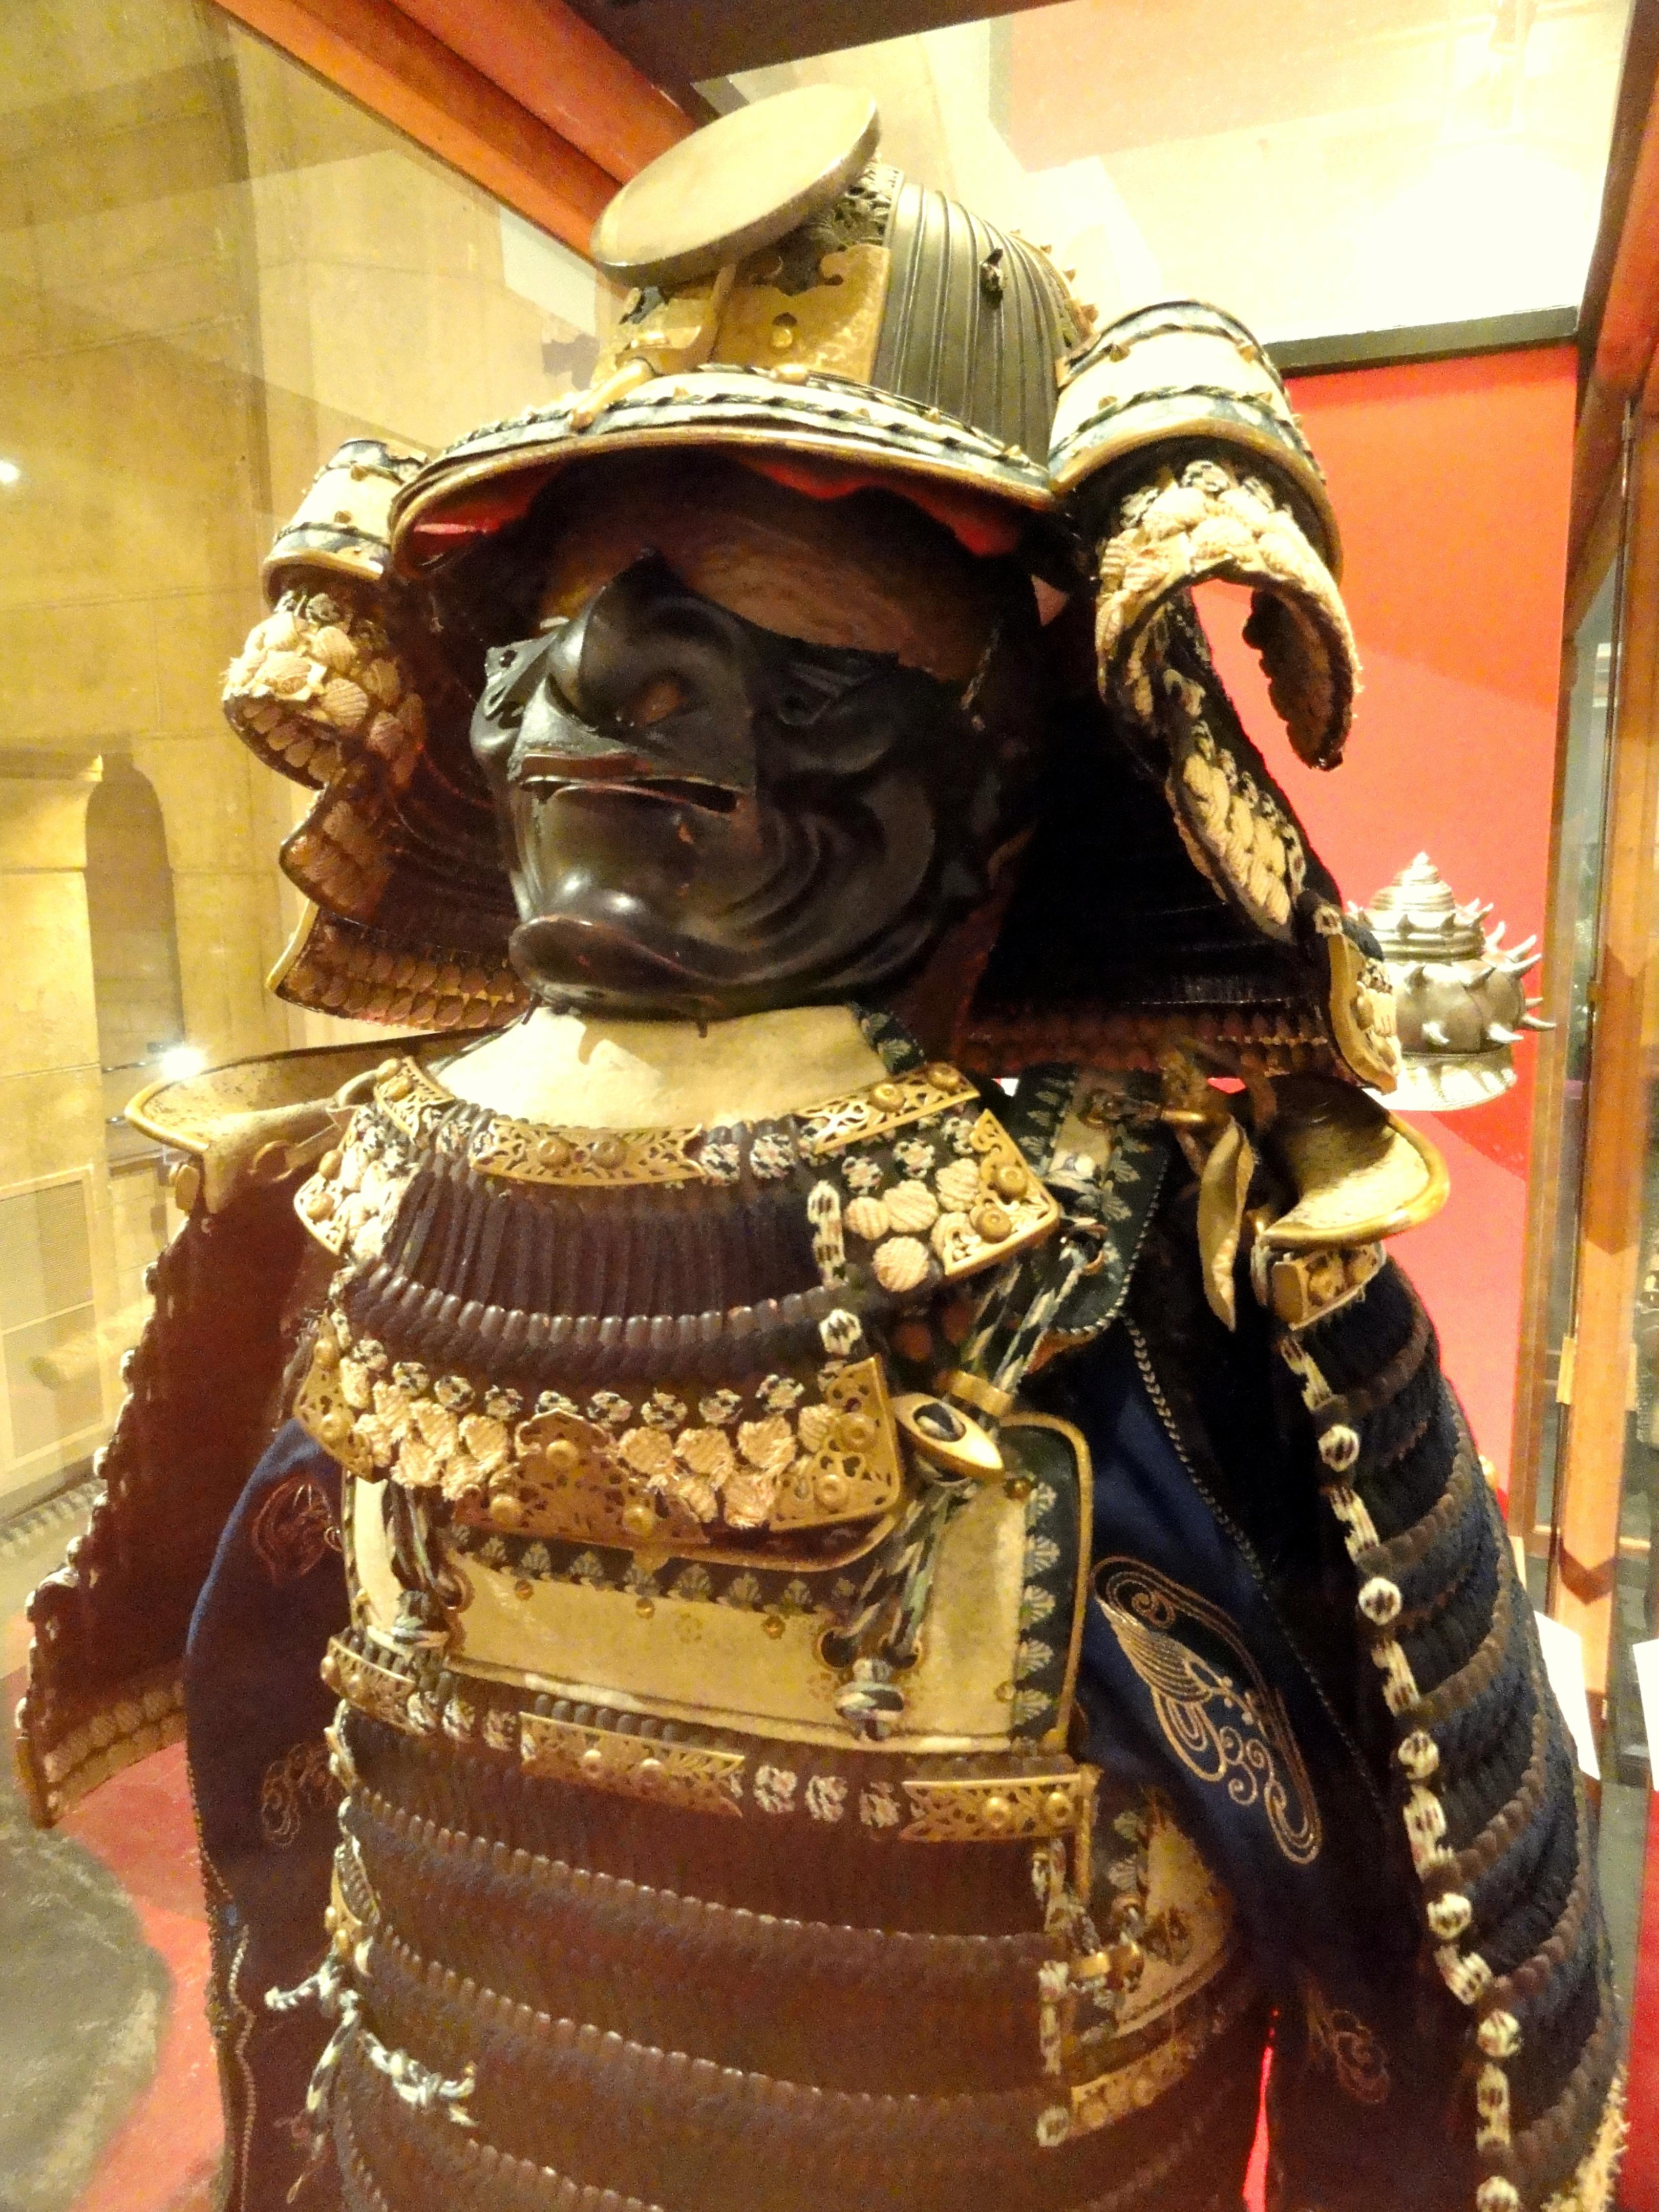 https://commons.wikimedia.org/wiki/File:Samurai_armor_-_Higgins_Armory_Museum_-_DSC05521.JPG